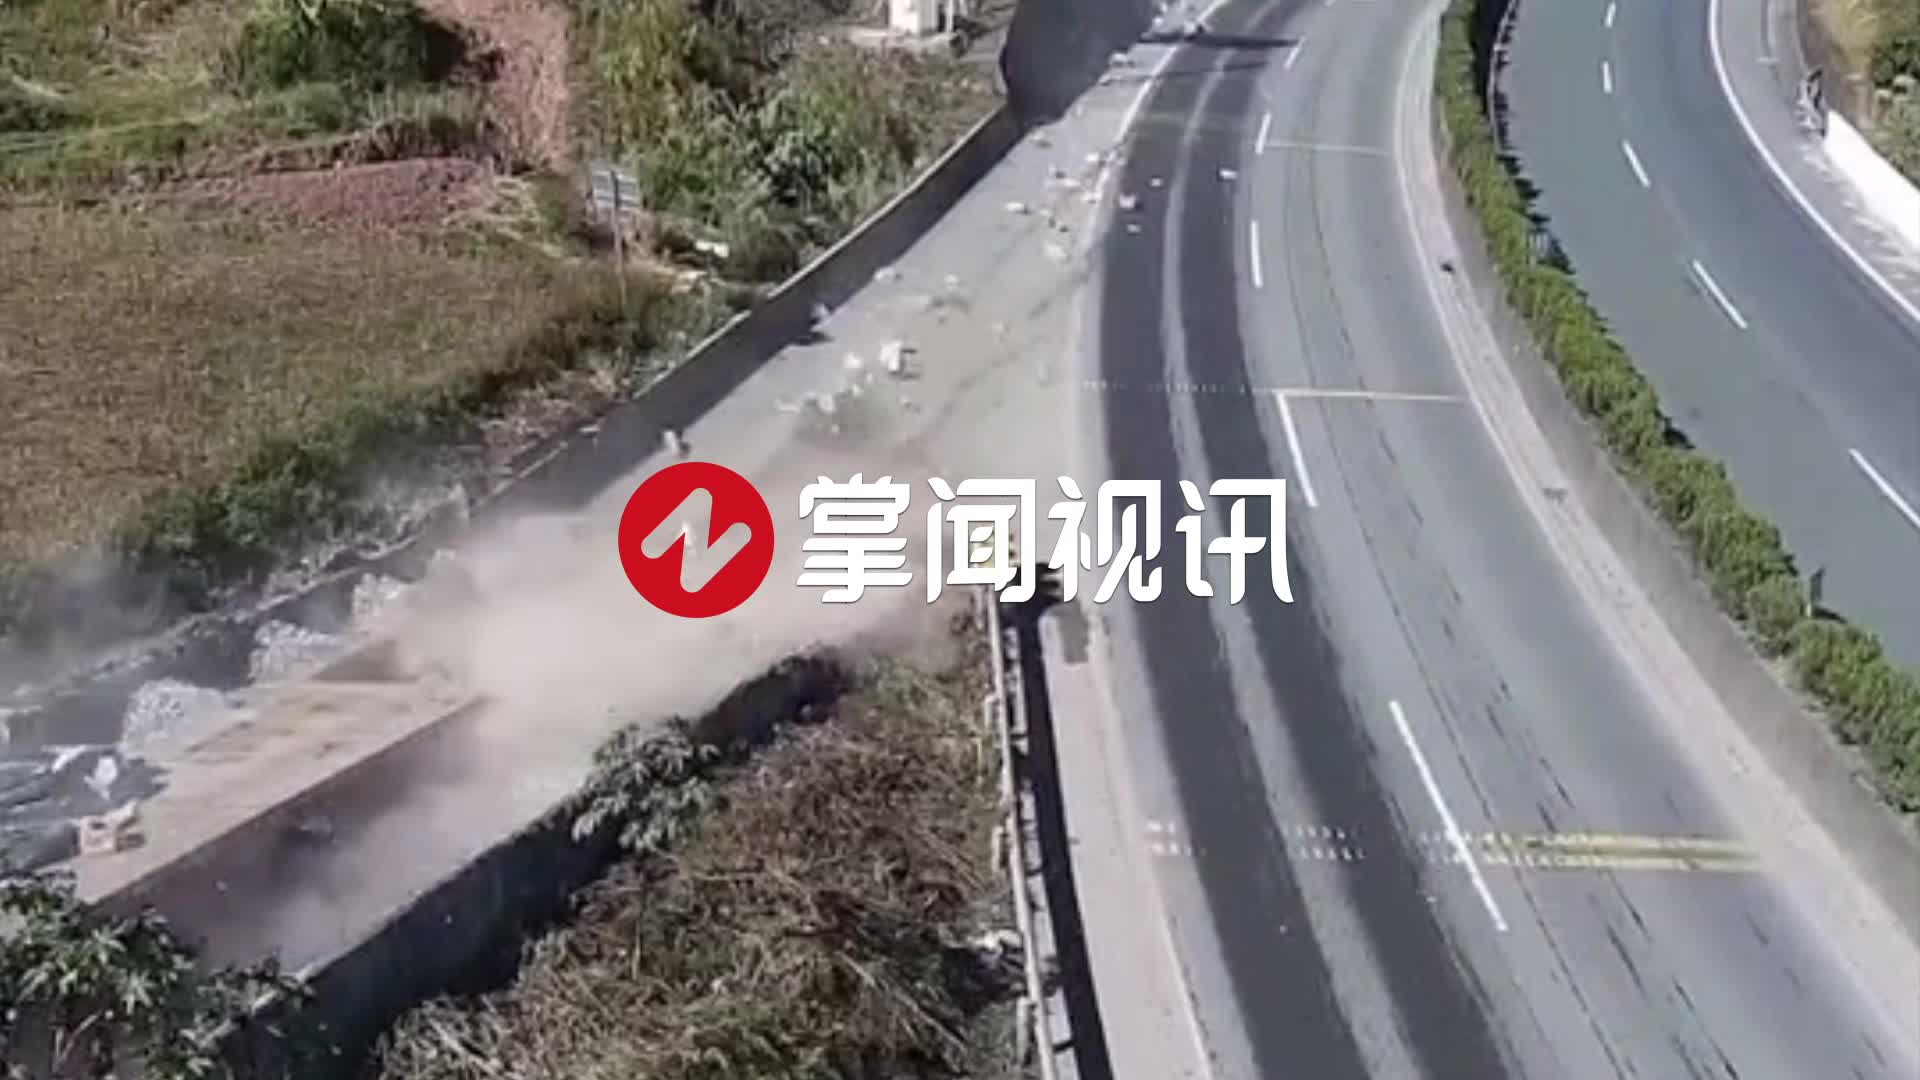 货车刹车失灵冲上避险车道自救 后车司机狂奔救人令人泪目